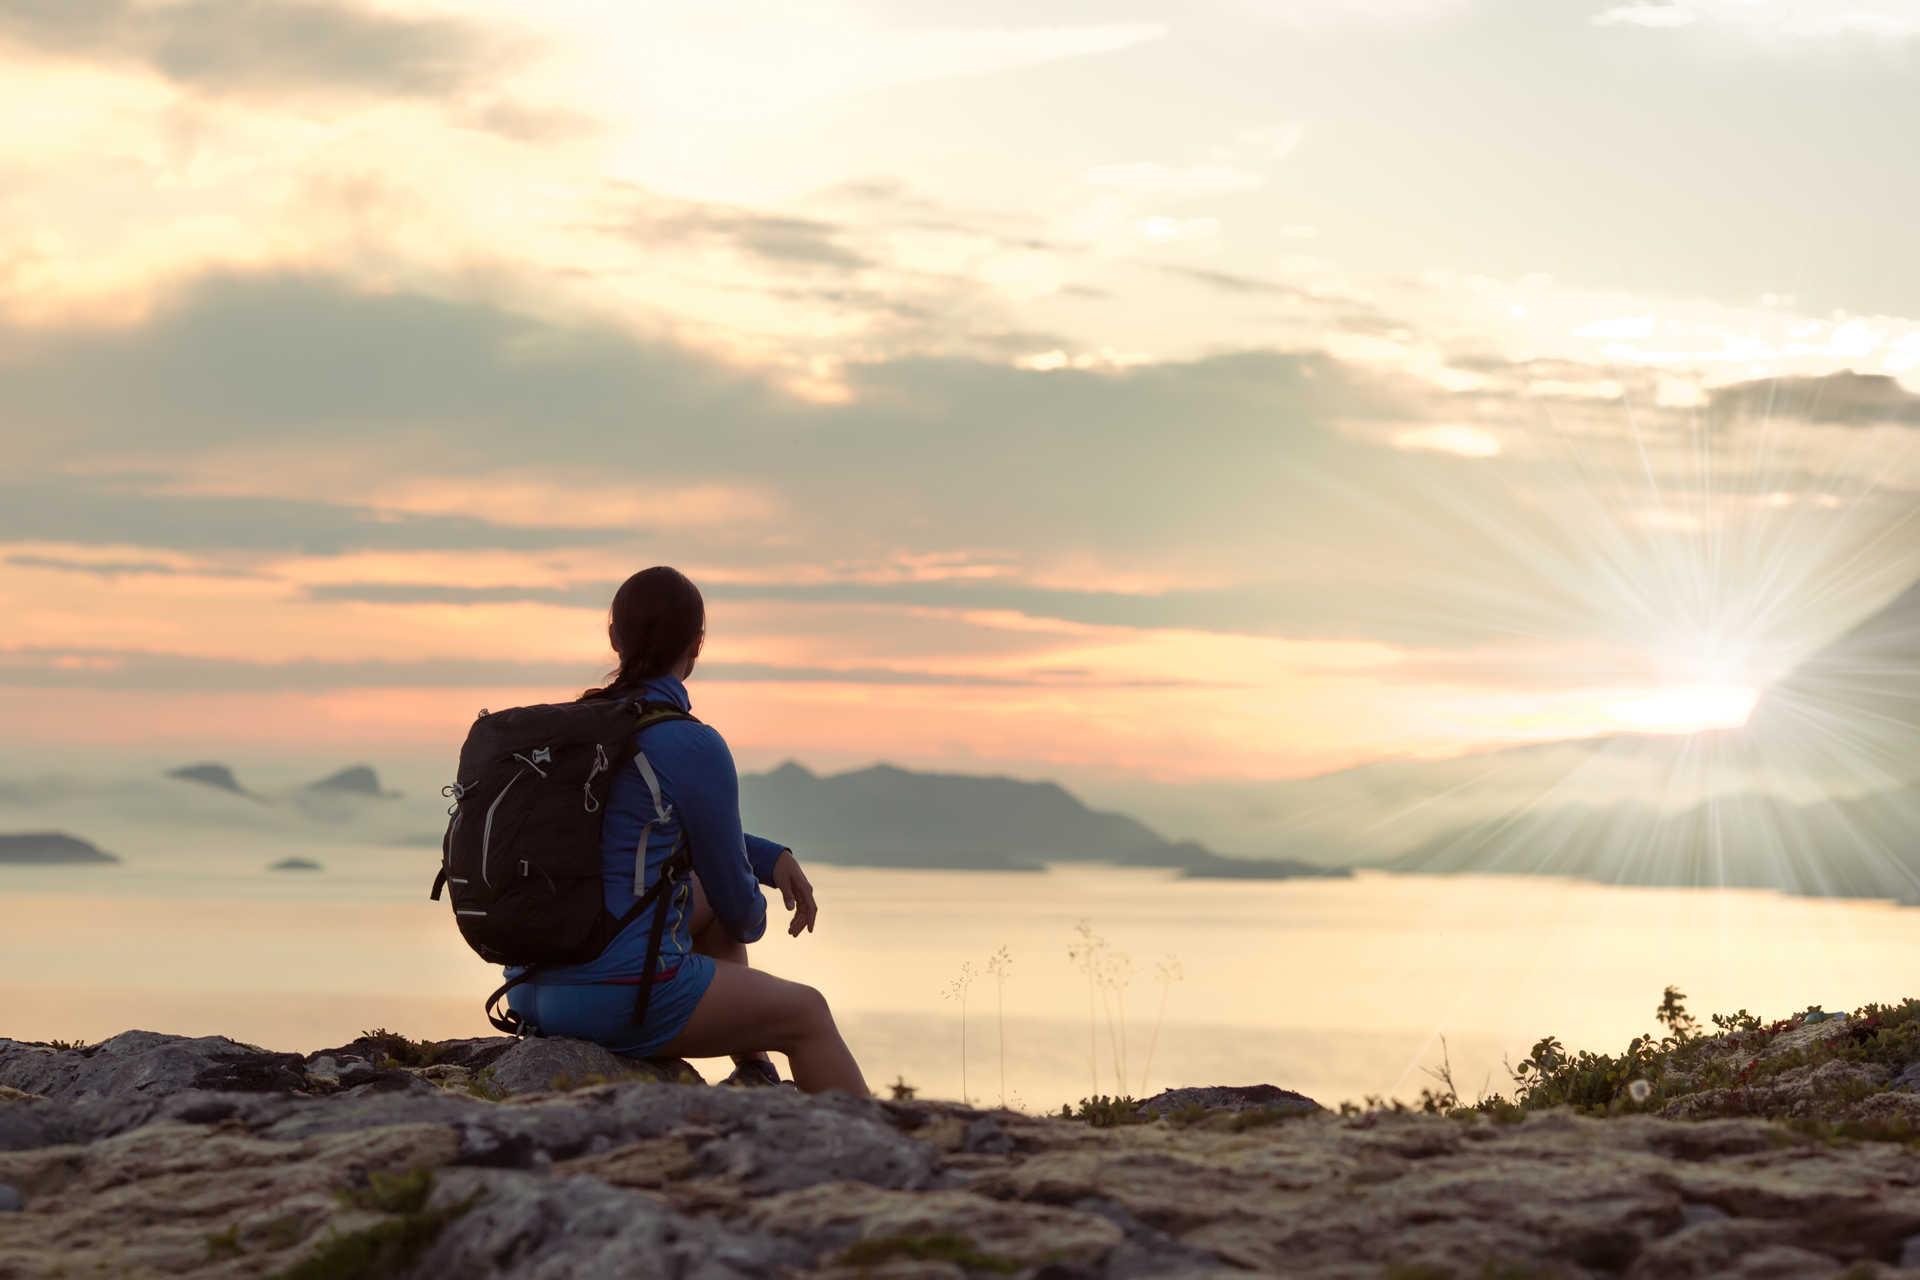 Trekker enjoying the sunset in Lofoten